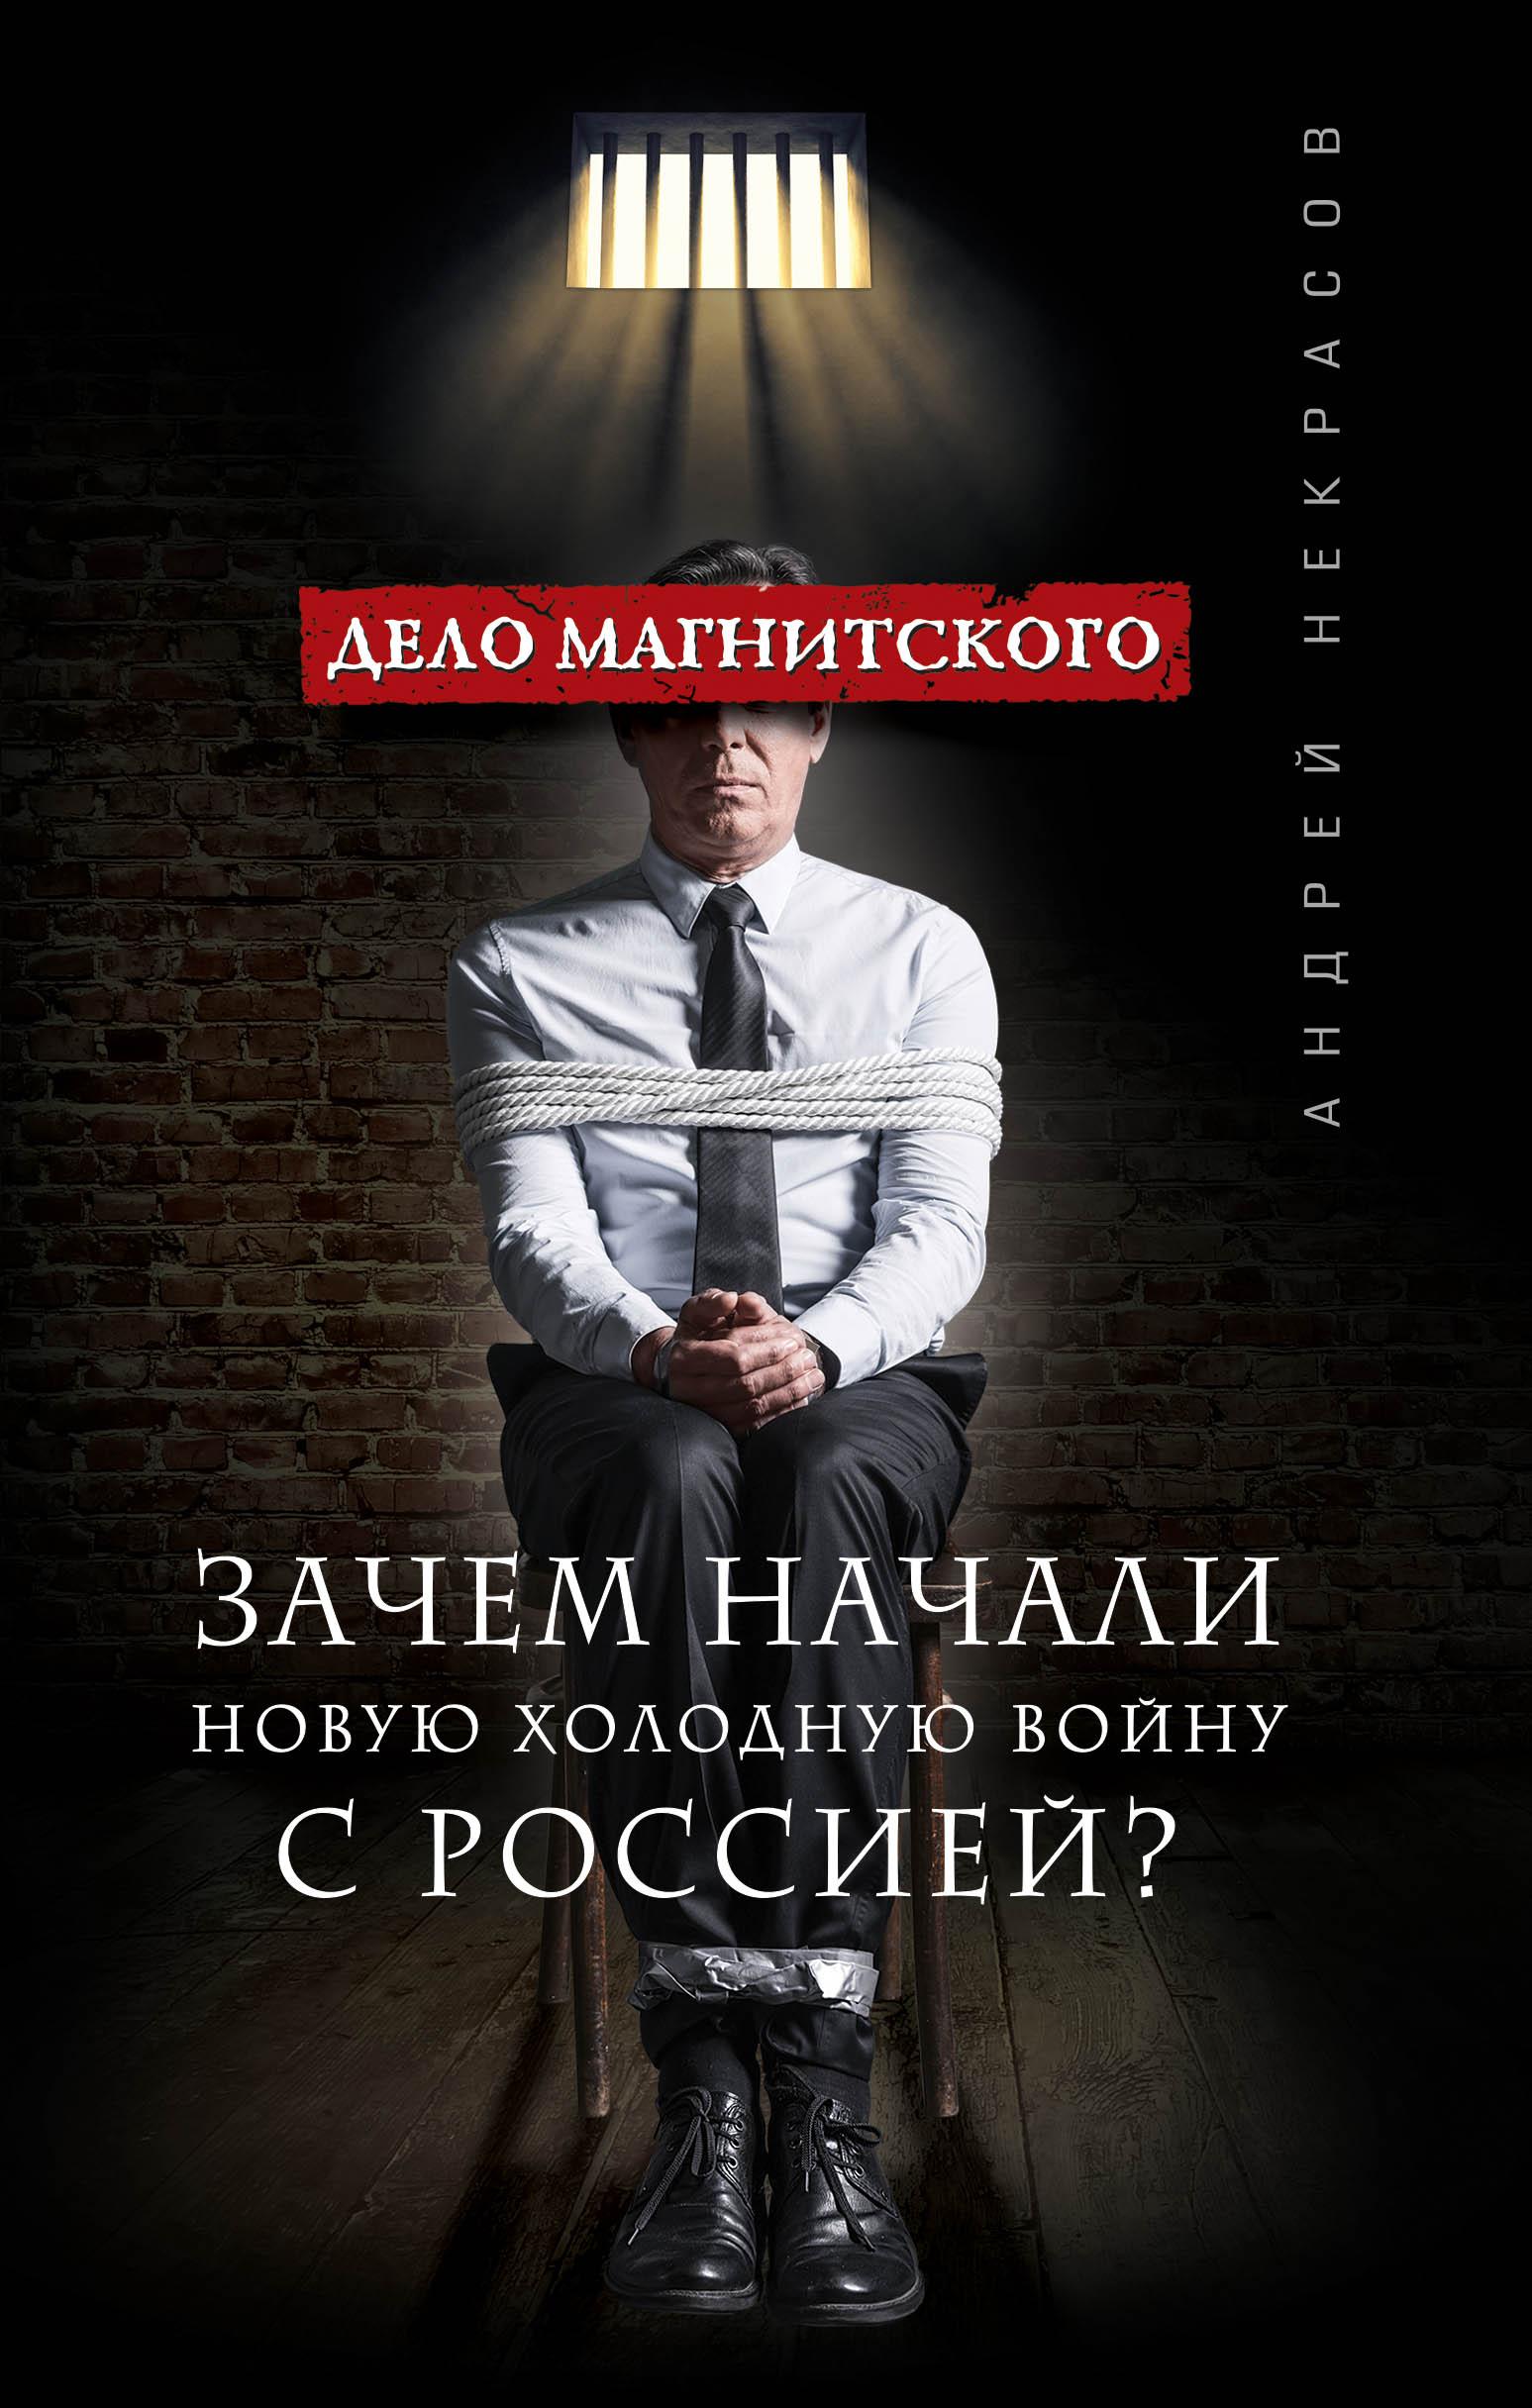 Некрасов Андрей Дело Магнитского. Зачем начали новую холодную войну с Россией?